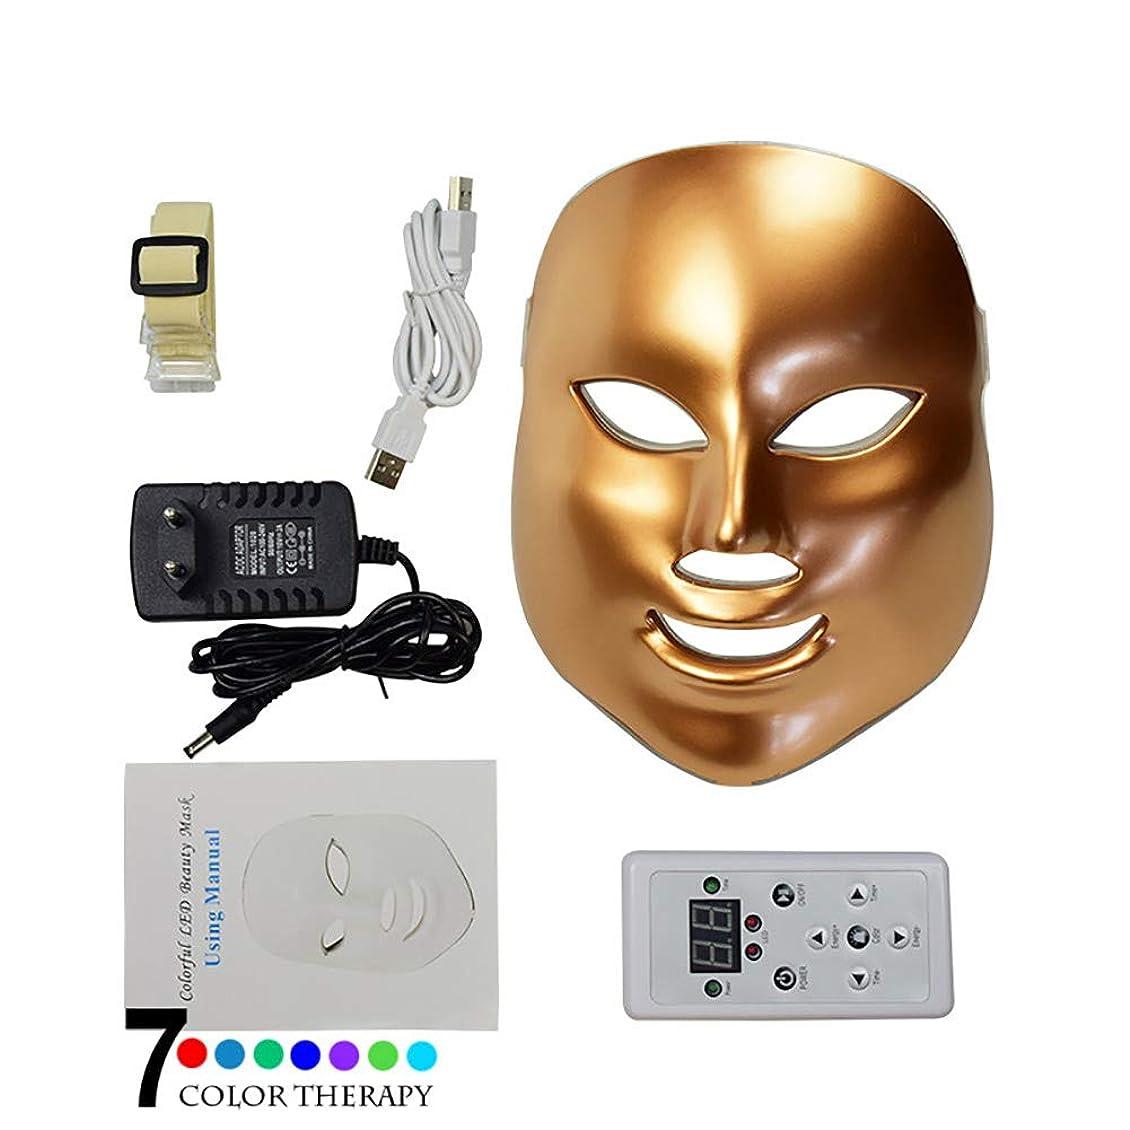 復讐野心伝染性7色LEDフェイスマスク、7色LEDスキン光線療法器具、健康的な肌の若返りのためのレッドライトセラピー、アンチエイジング、しわ、瘢痕化,Gold